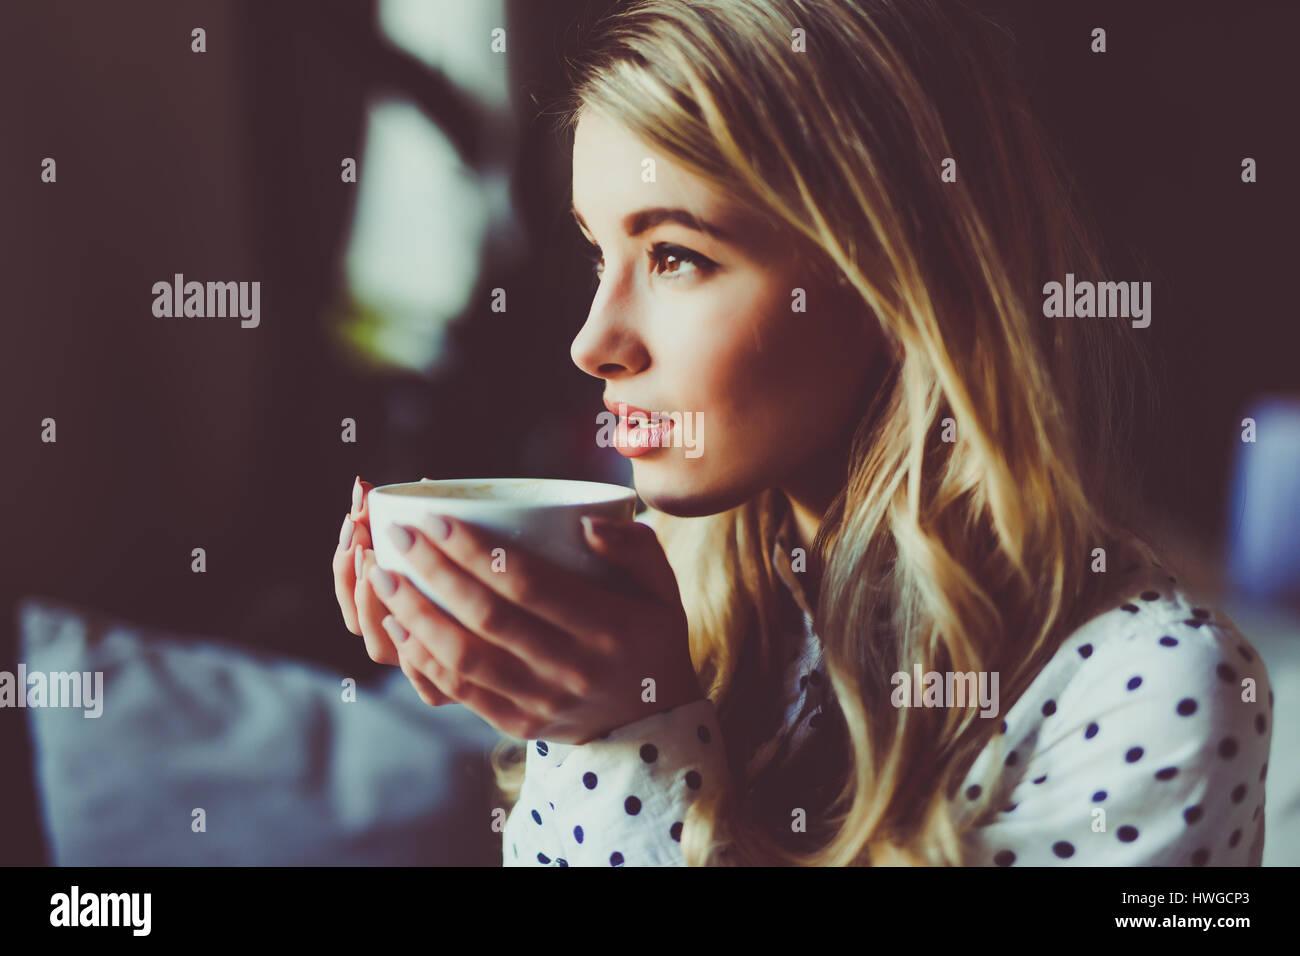 Ritratto di giovane bellissima femmina bere il tè e minuziosamente guardando fuori del coffee shop finestra Immagini Stock